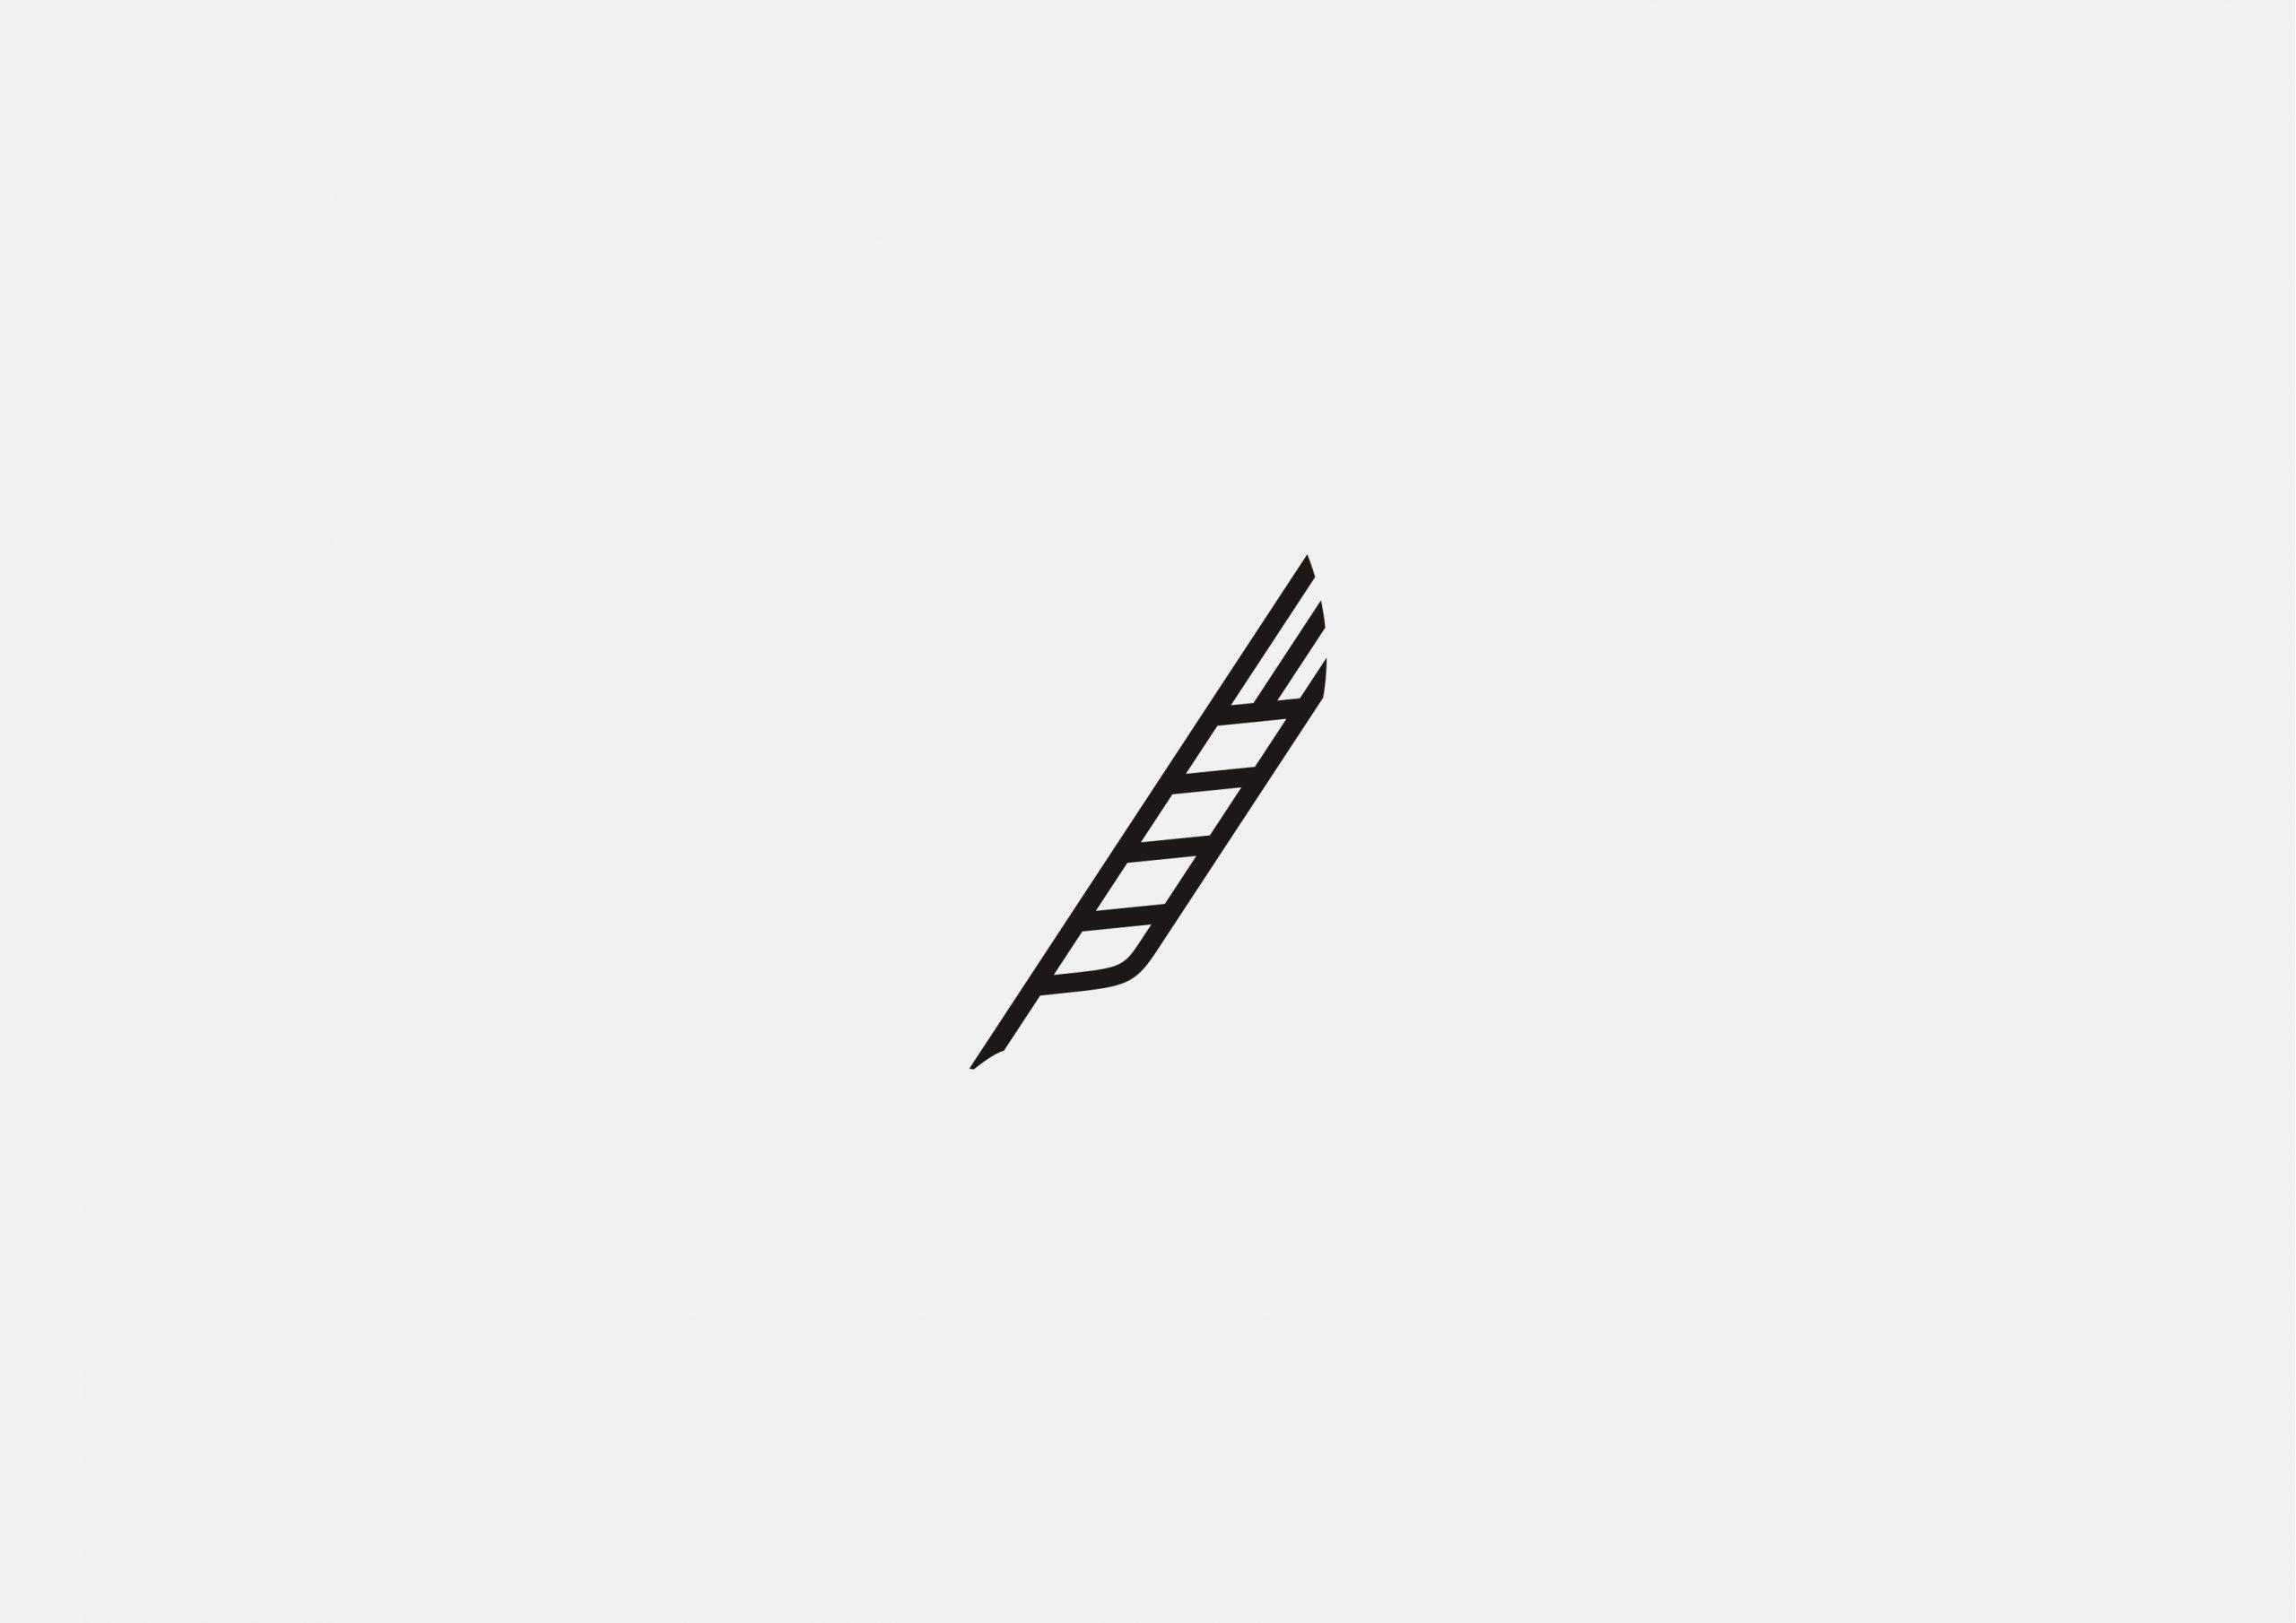 Woodfordes logo design